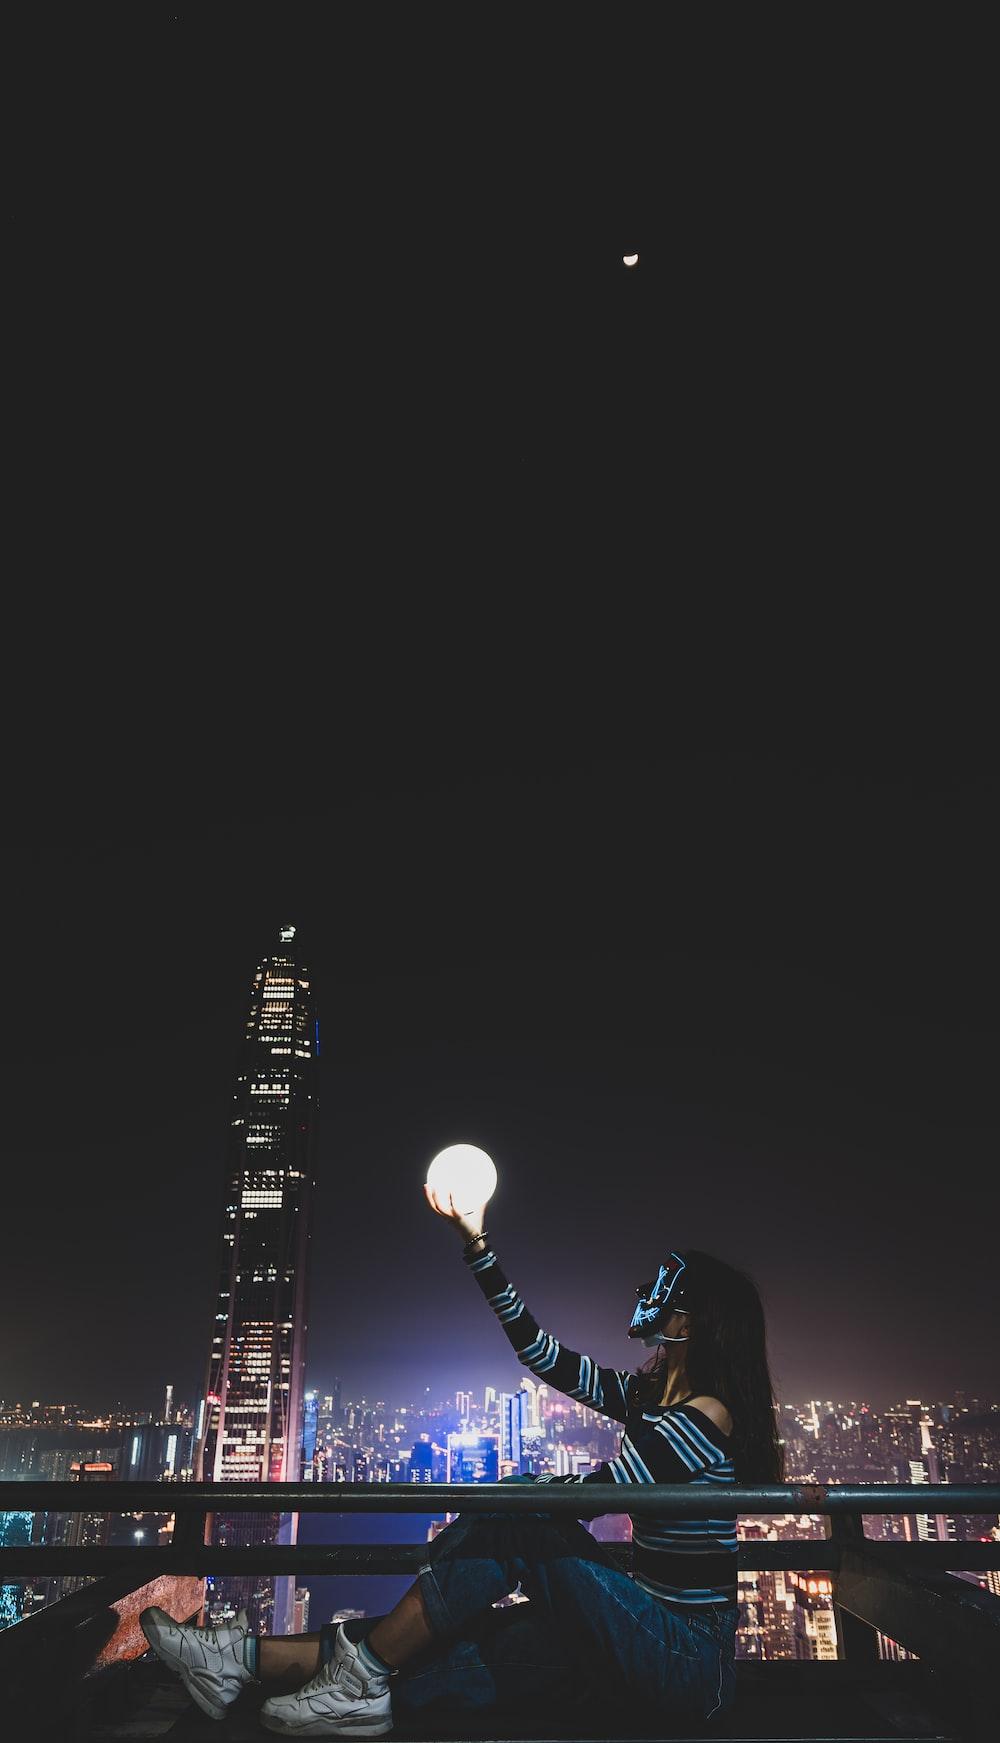 man in black shirt holding white light bulb